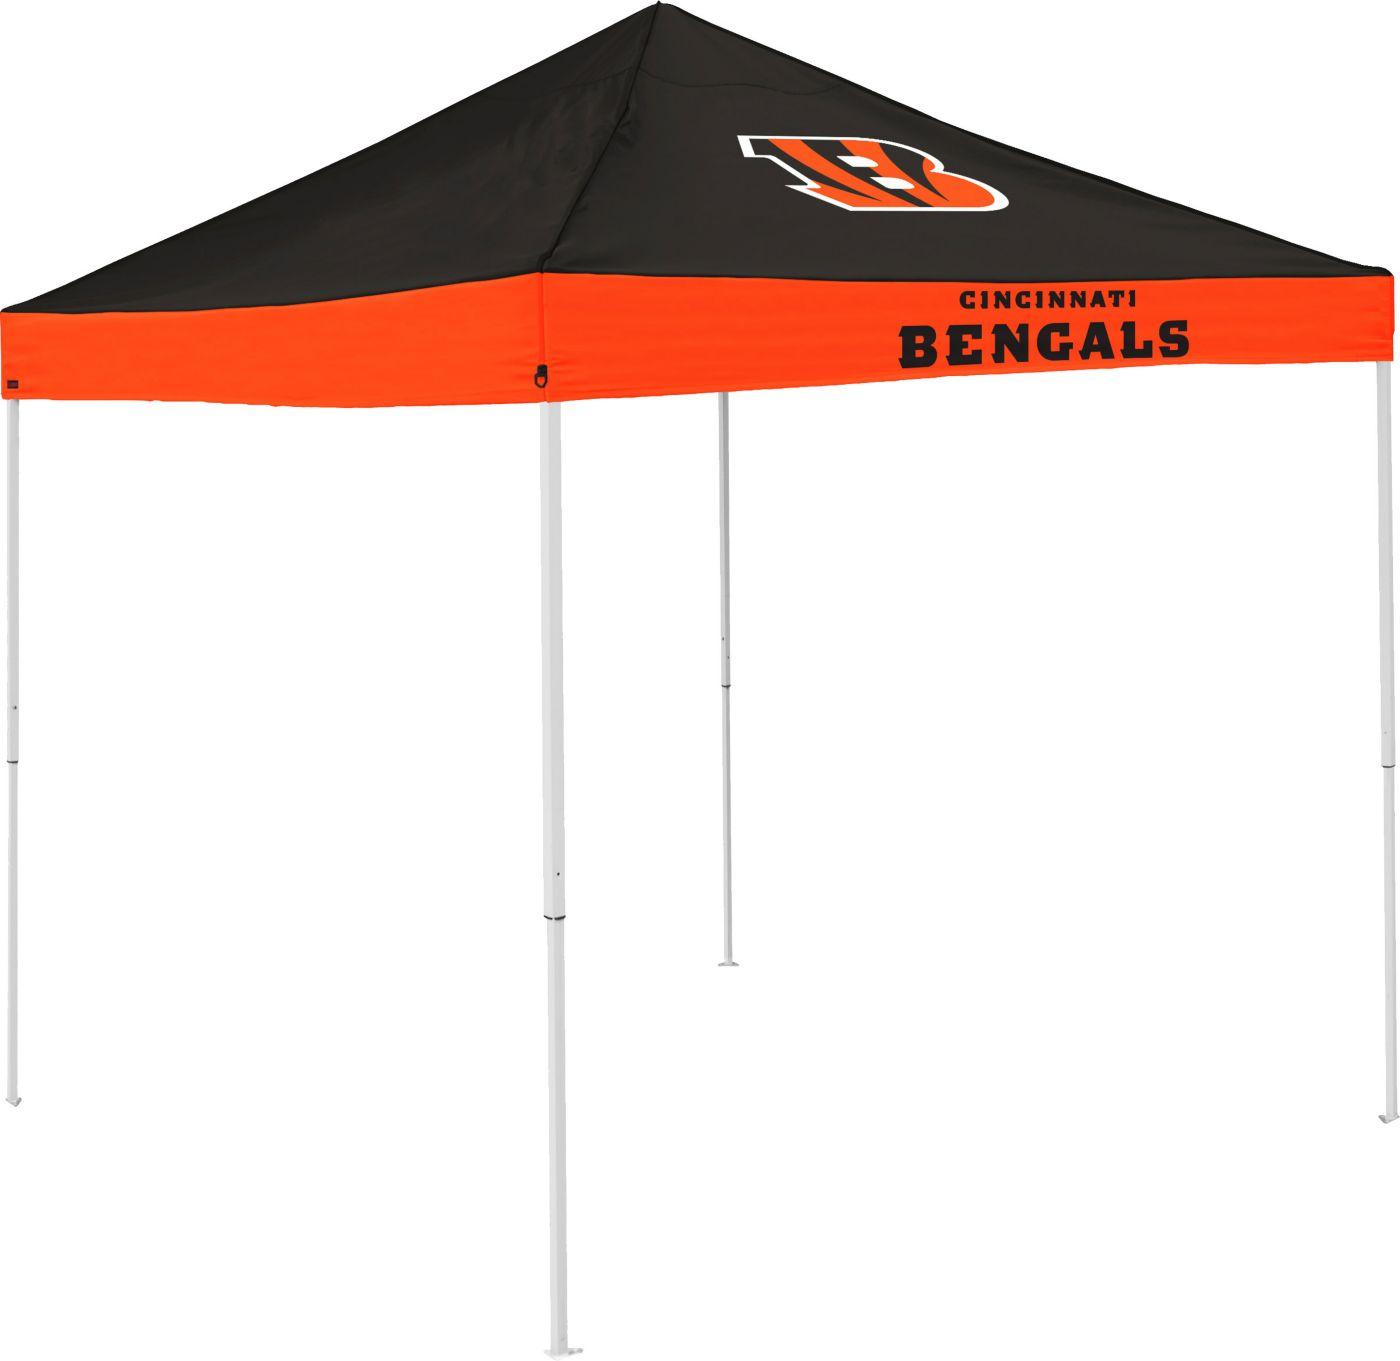 Cincinnati Bengals Economy Tent